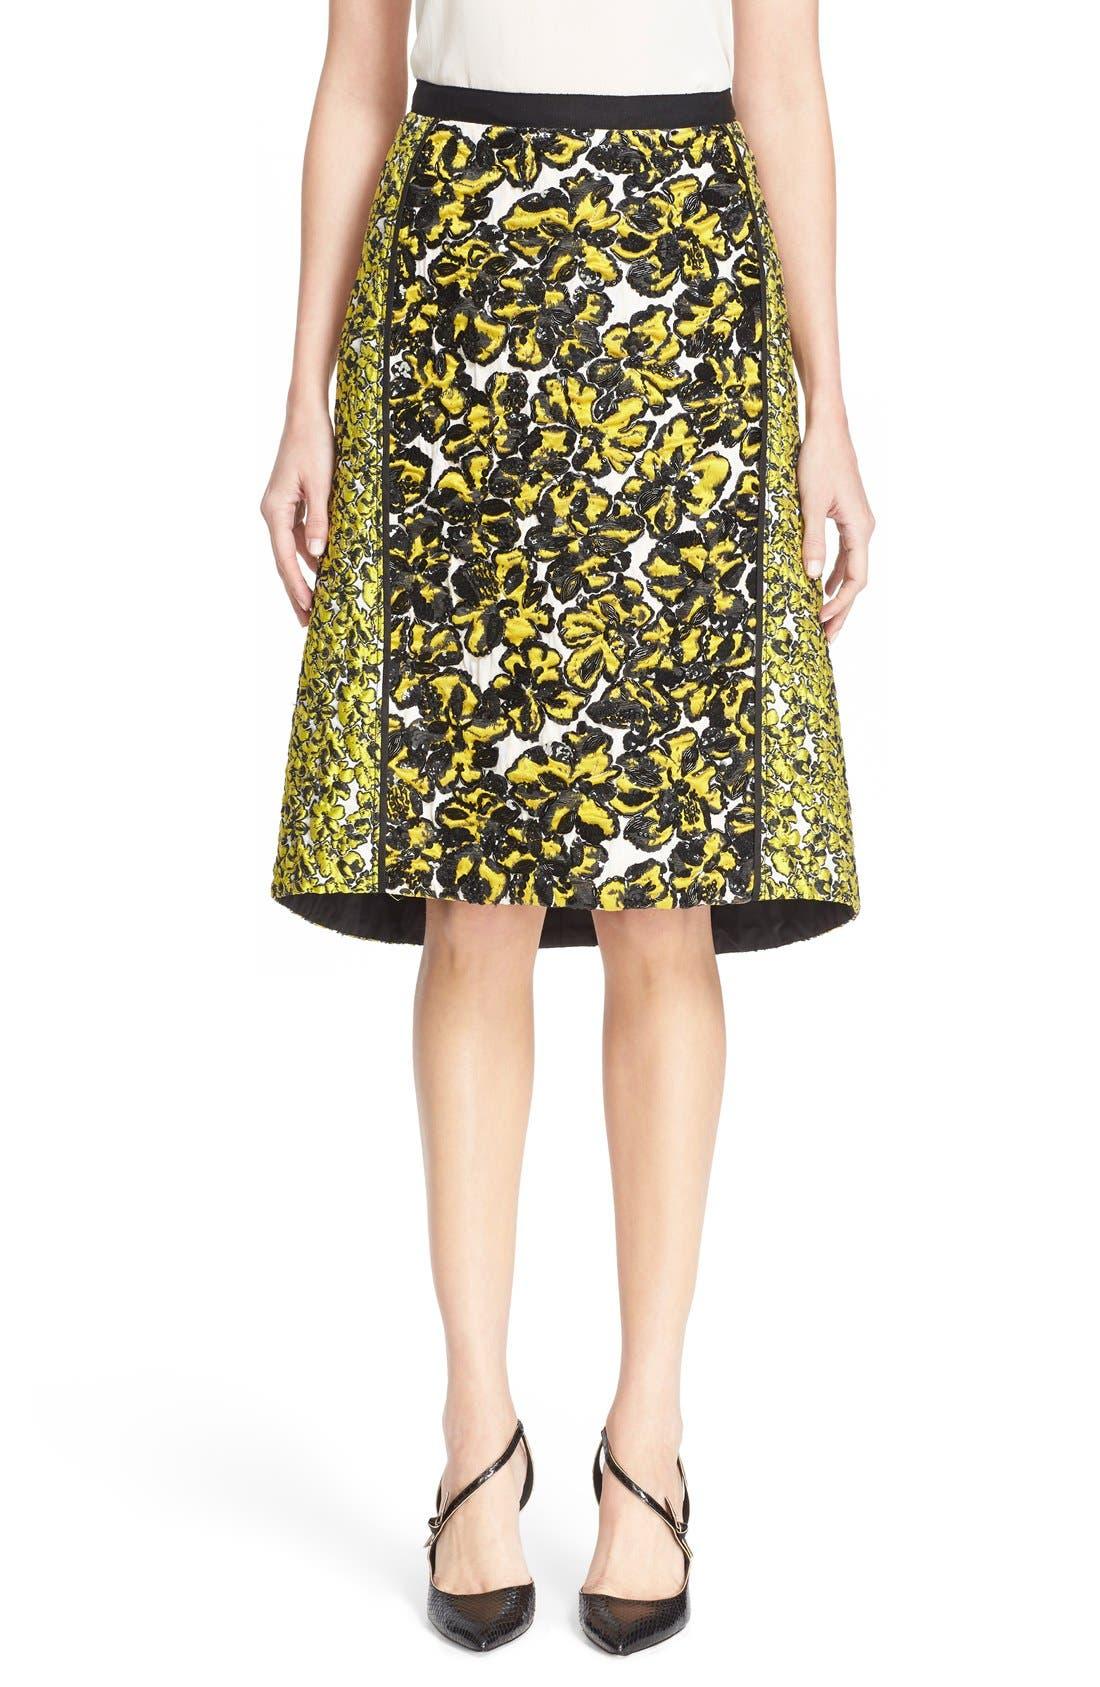 Alternate Image 1  - Oscar de la Renta Embellished Floral Jacquard Skirt